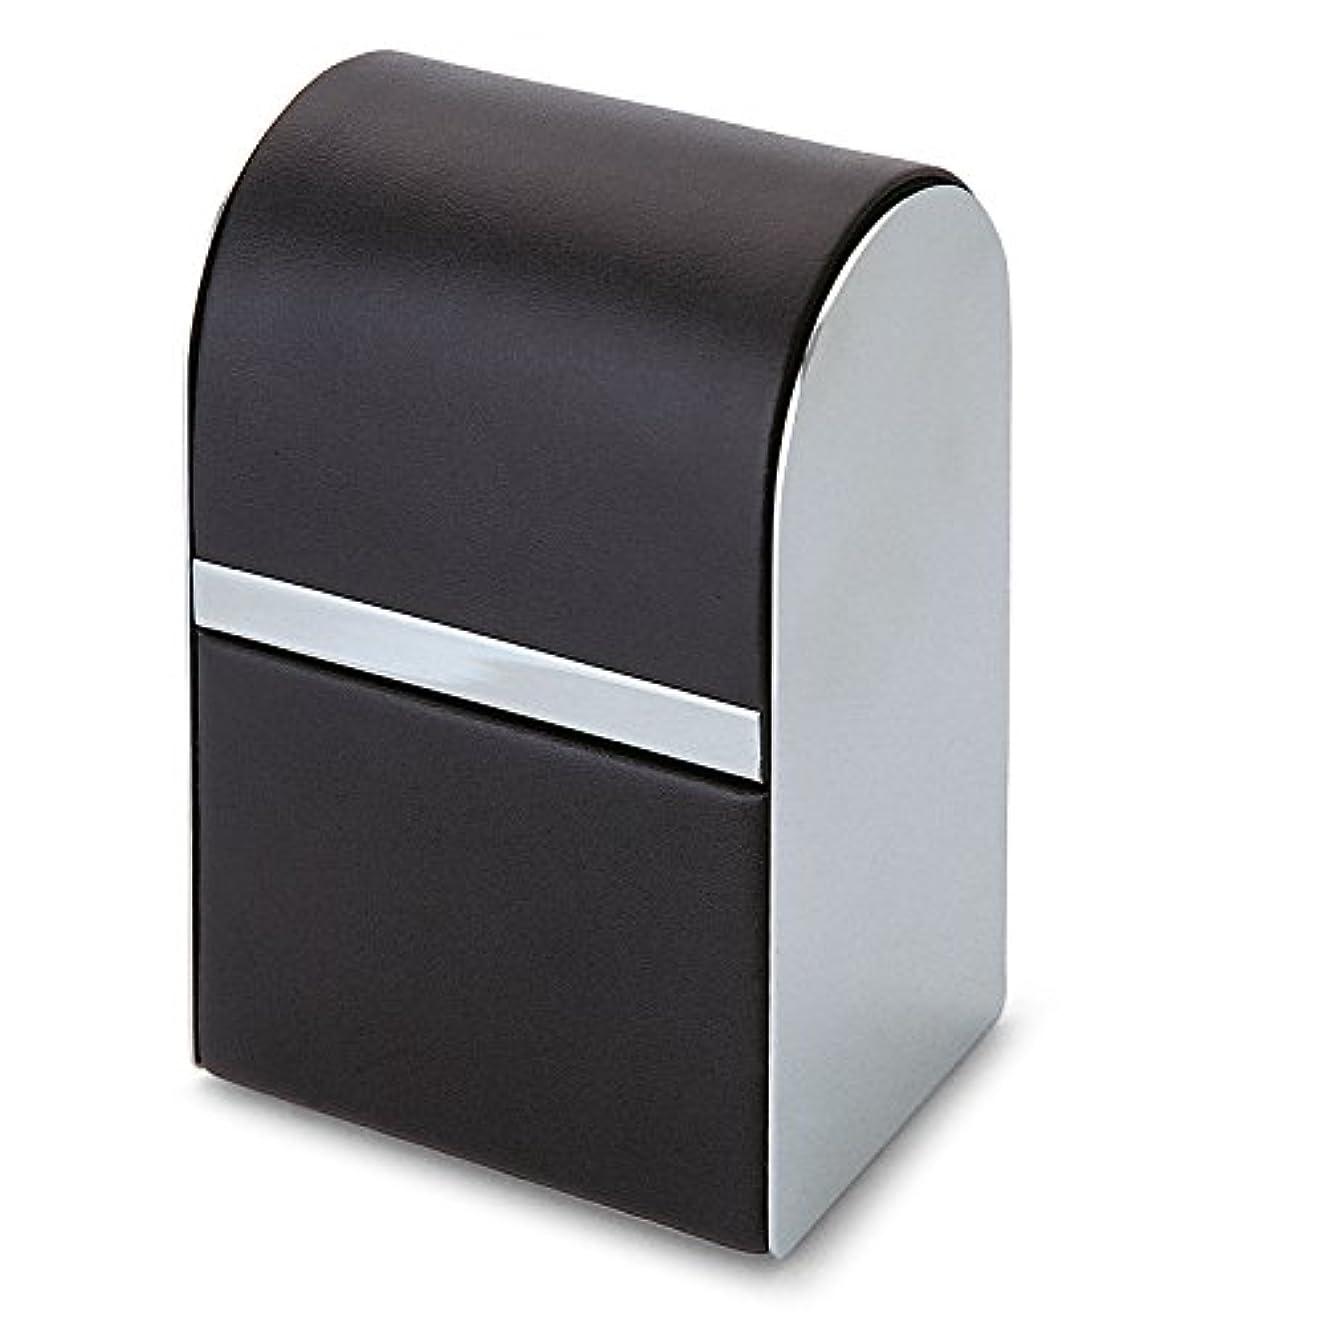 ケーキ愛情深いキュービックPhilippi Giorgio メンズ身だしなみキット 7pcsセット leather stainless polished